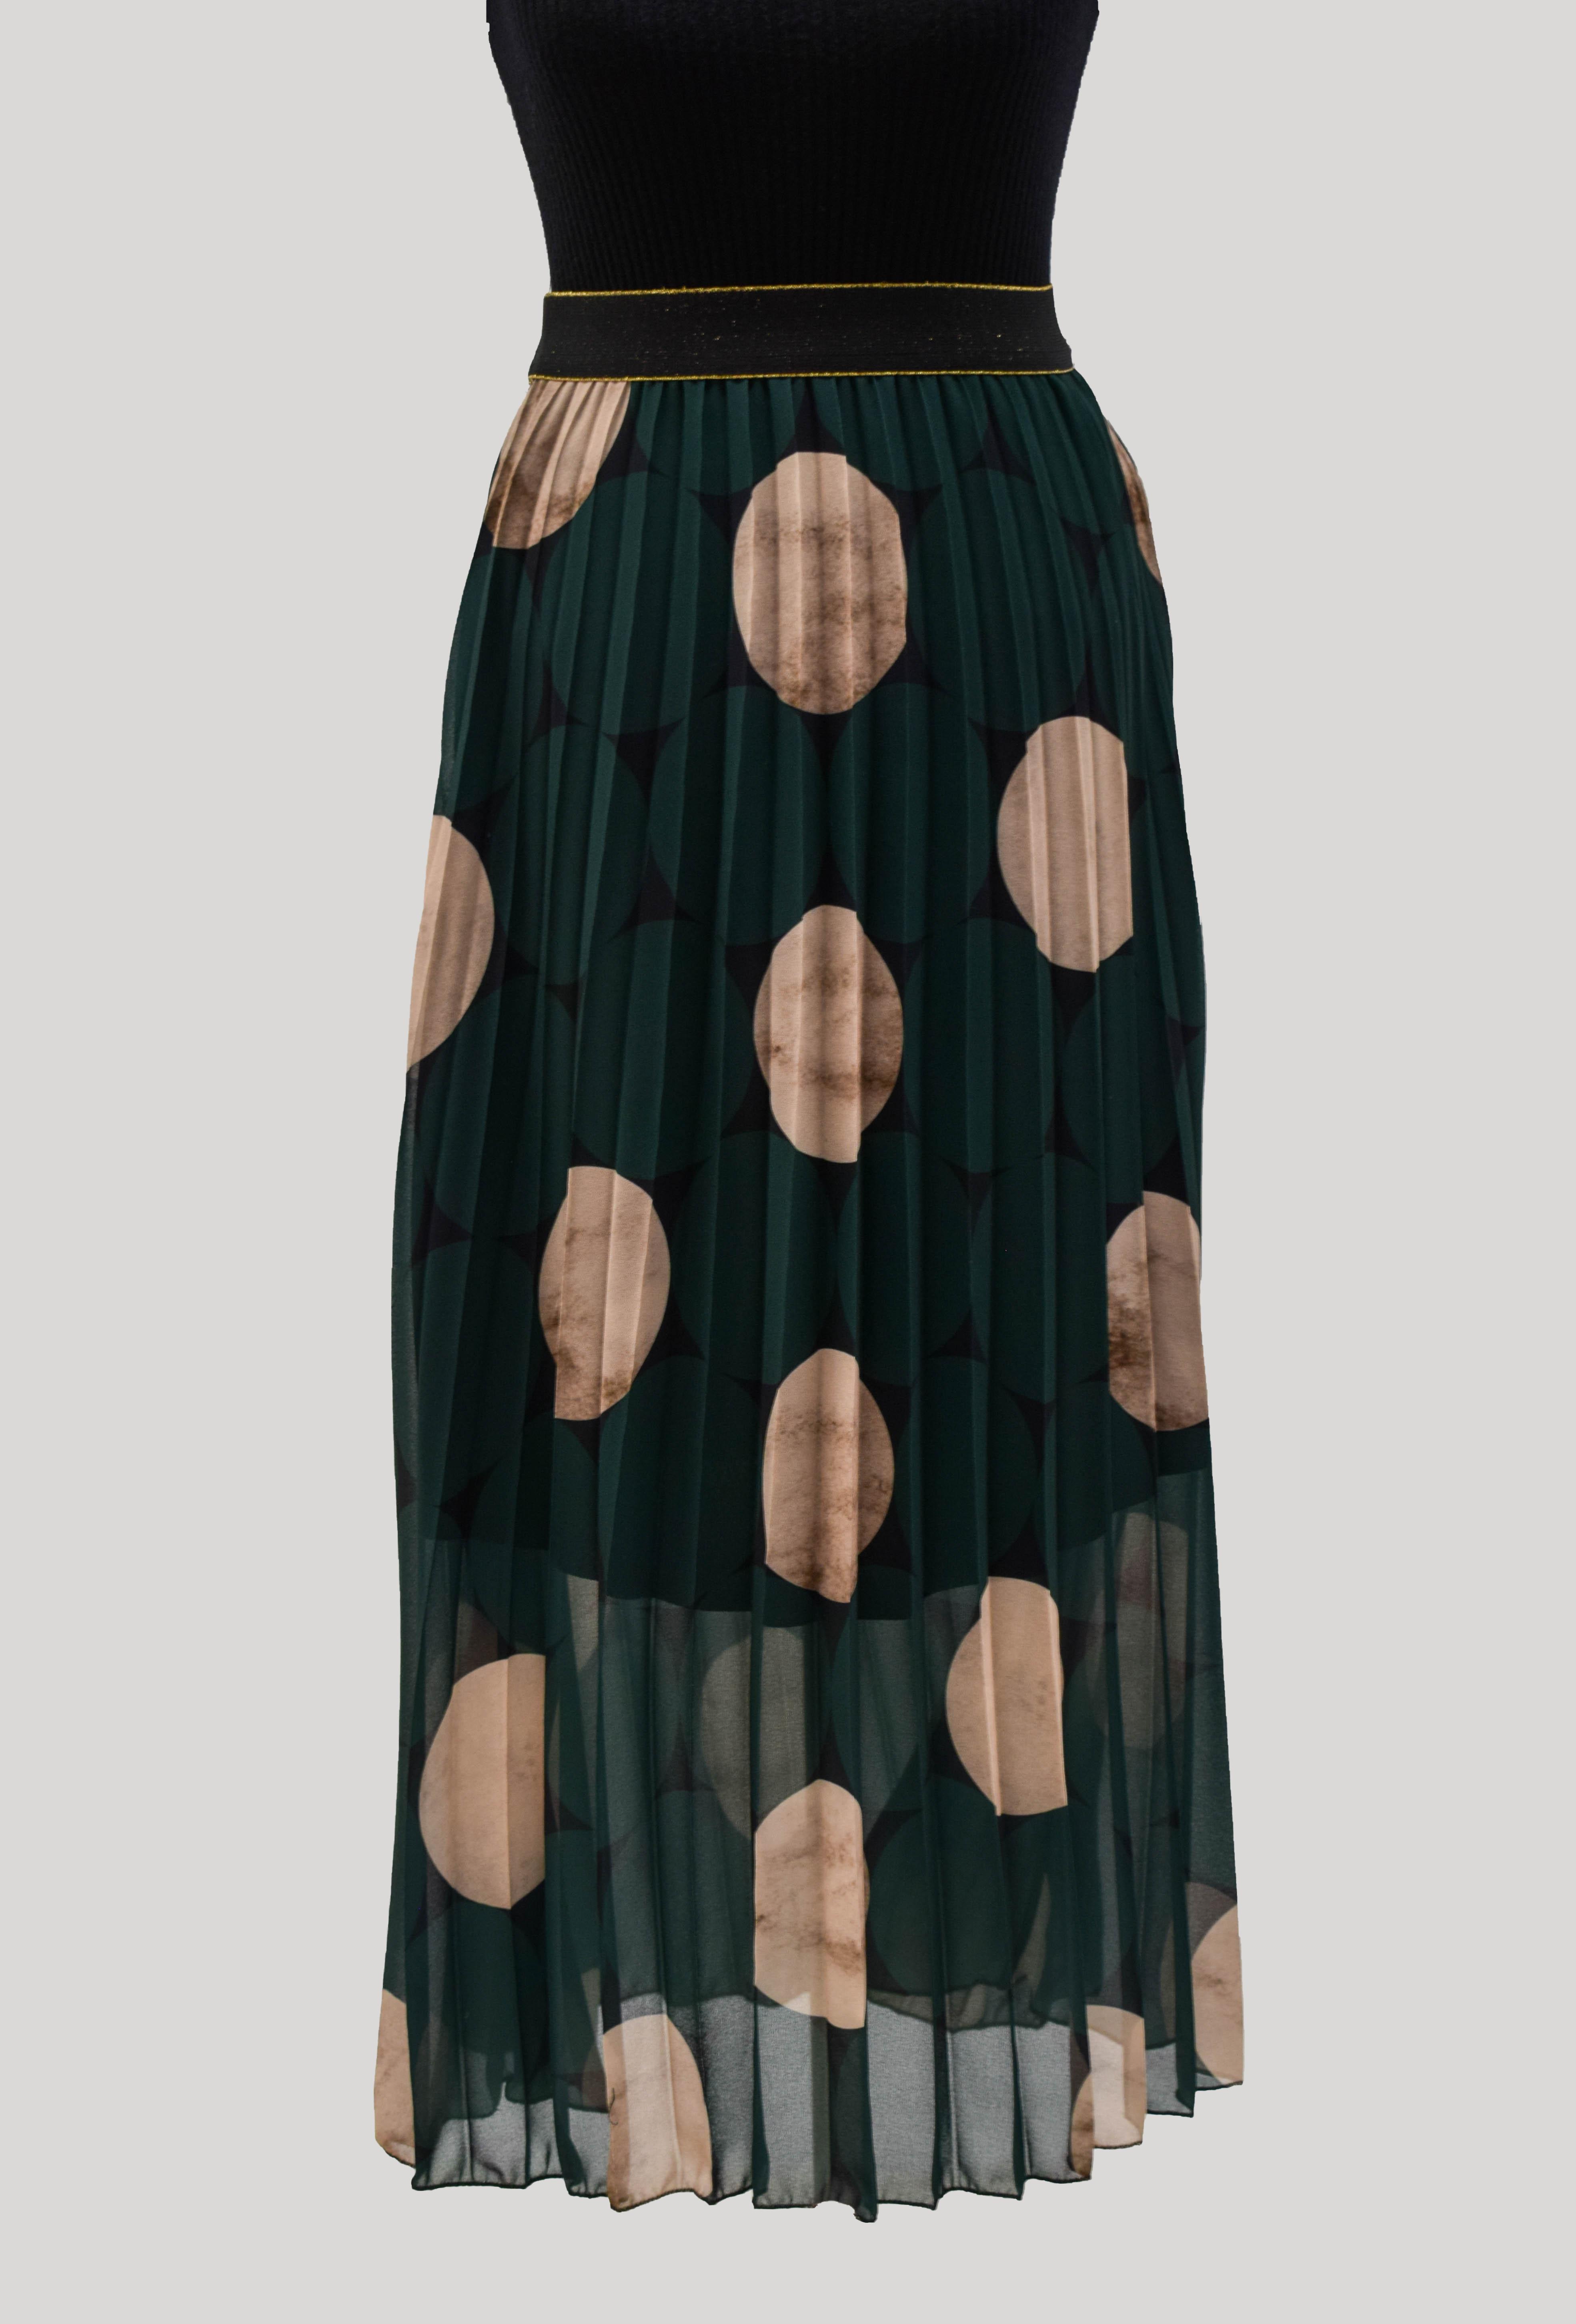 Faltenrock dunkelgrün mit Kreisen